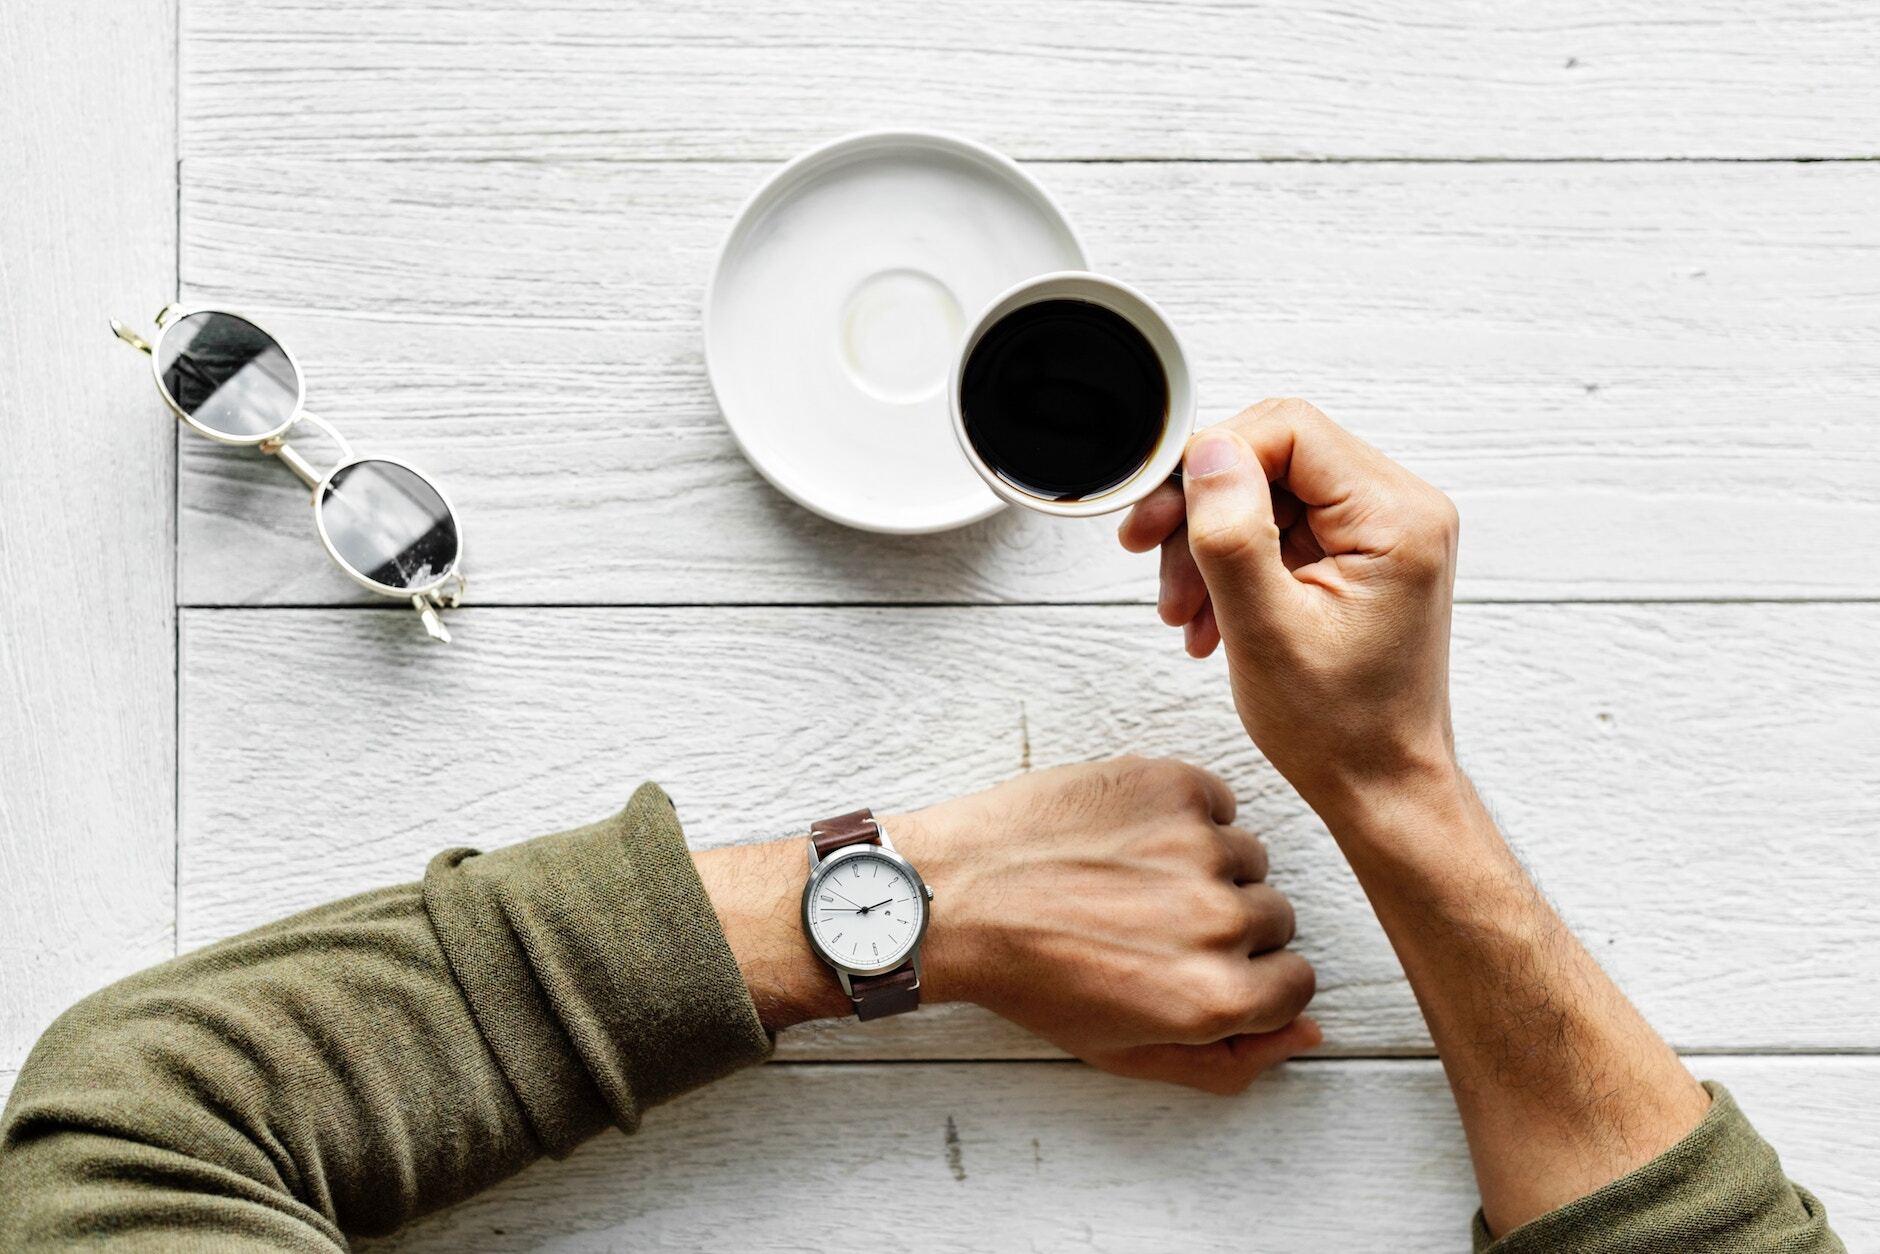 ۶ مهارت مدیریت زمان و مهارتهای سازمانی برای افزایش آسان بهرهوری